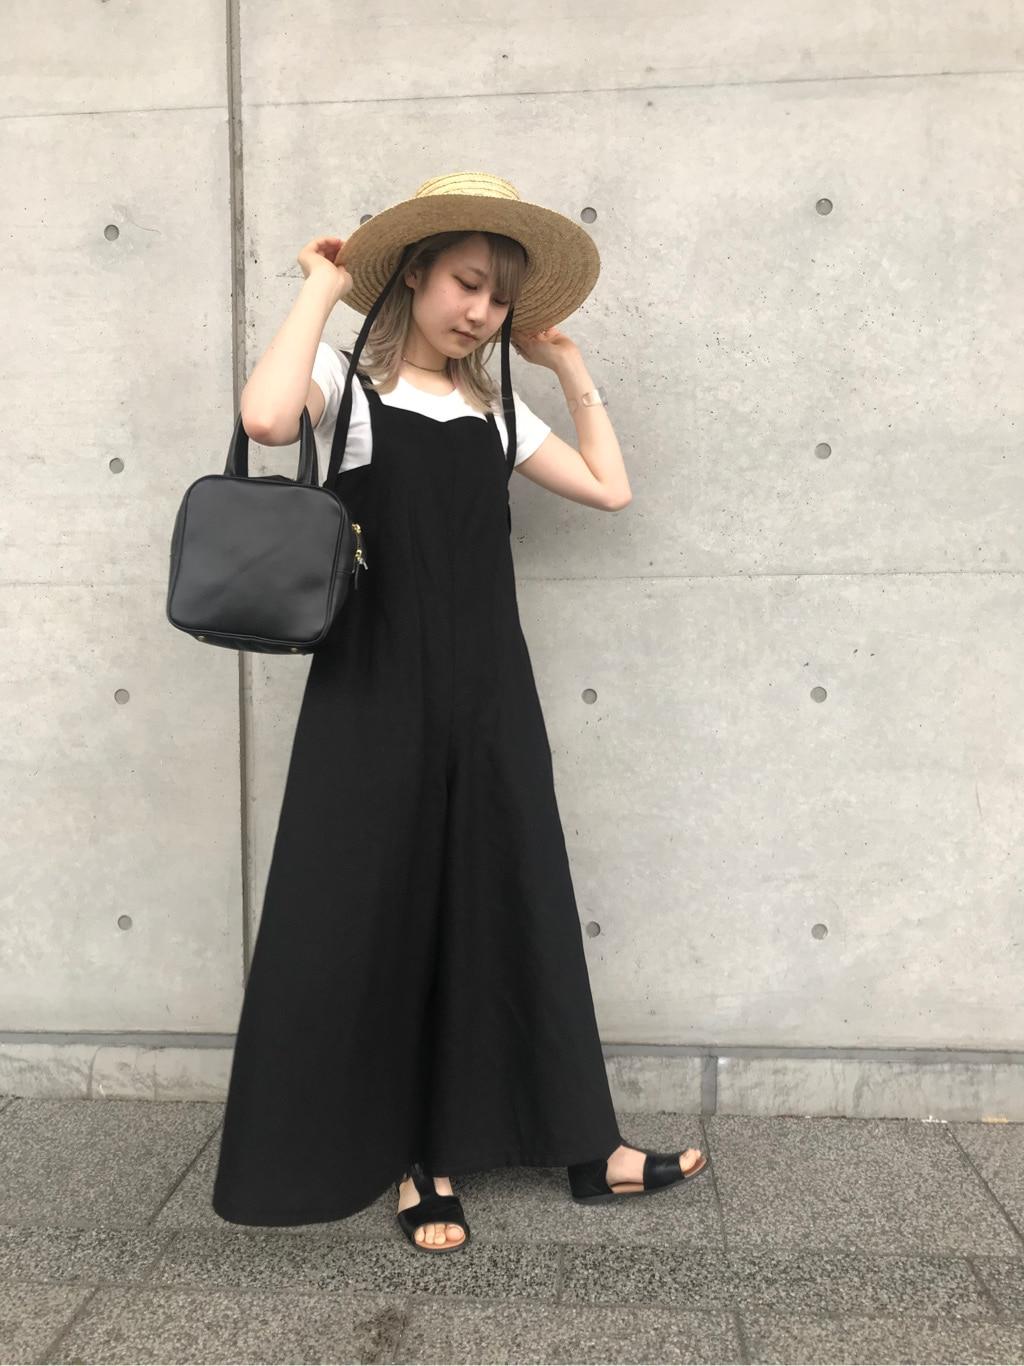 東京スカイツリータウン・ソラマチ 2020.07.20